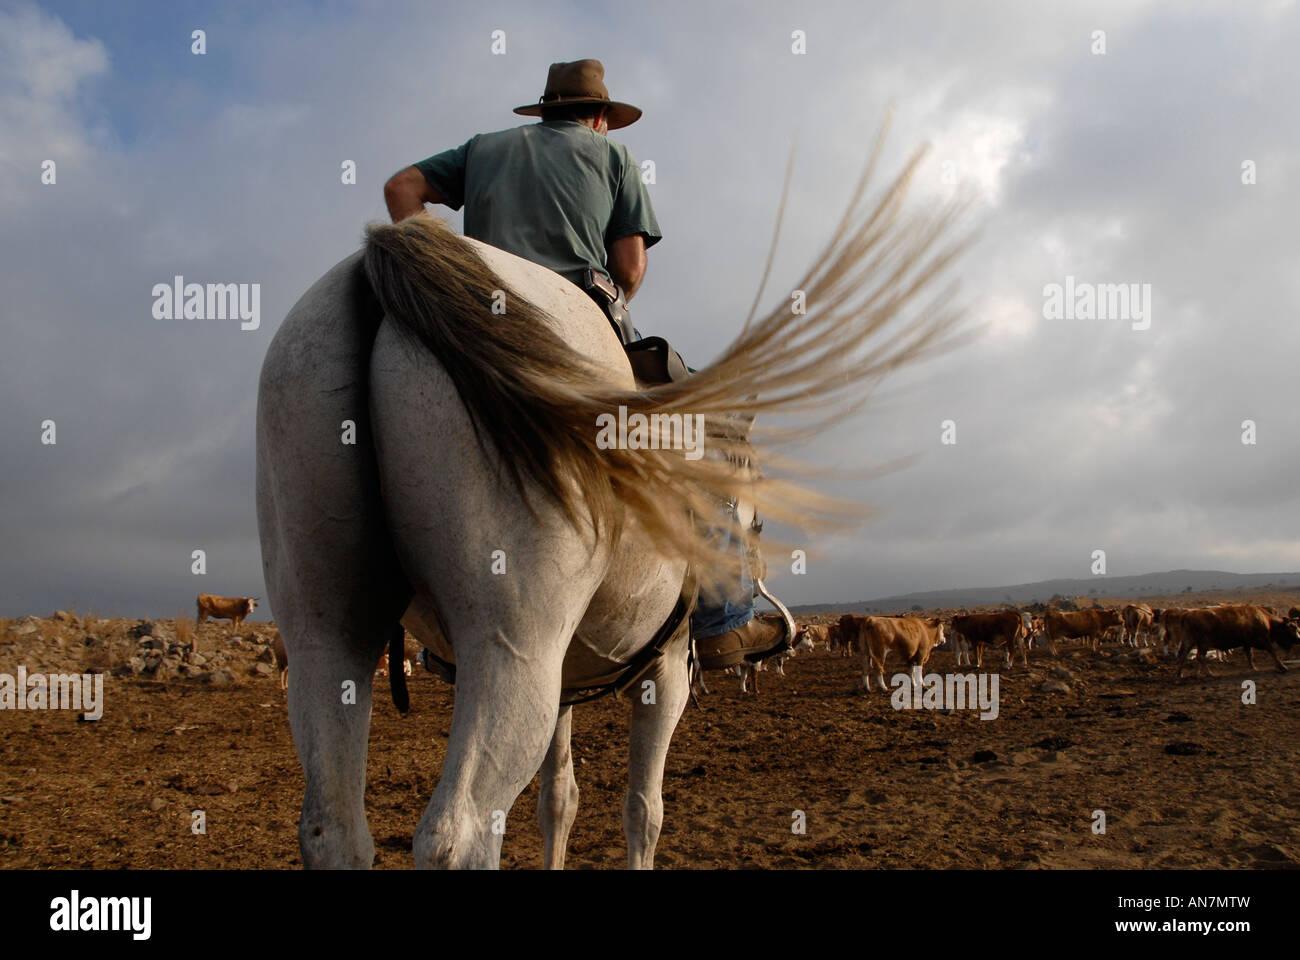 Un israelí ganado herder llevaba una pistola montada sobre un caballo en el Golán septentrional de Israel Foto de stock